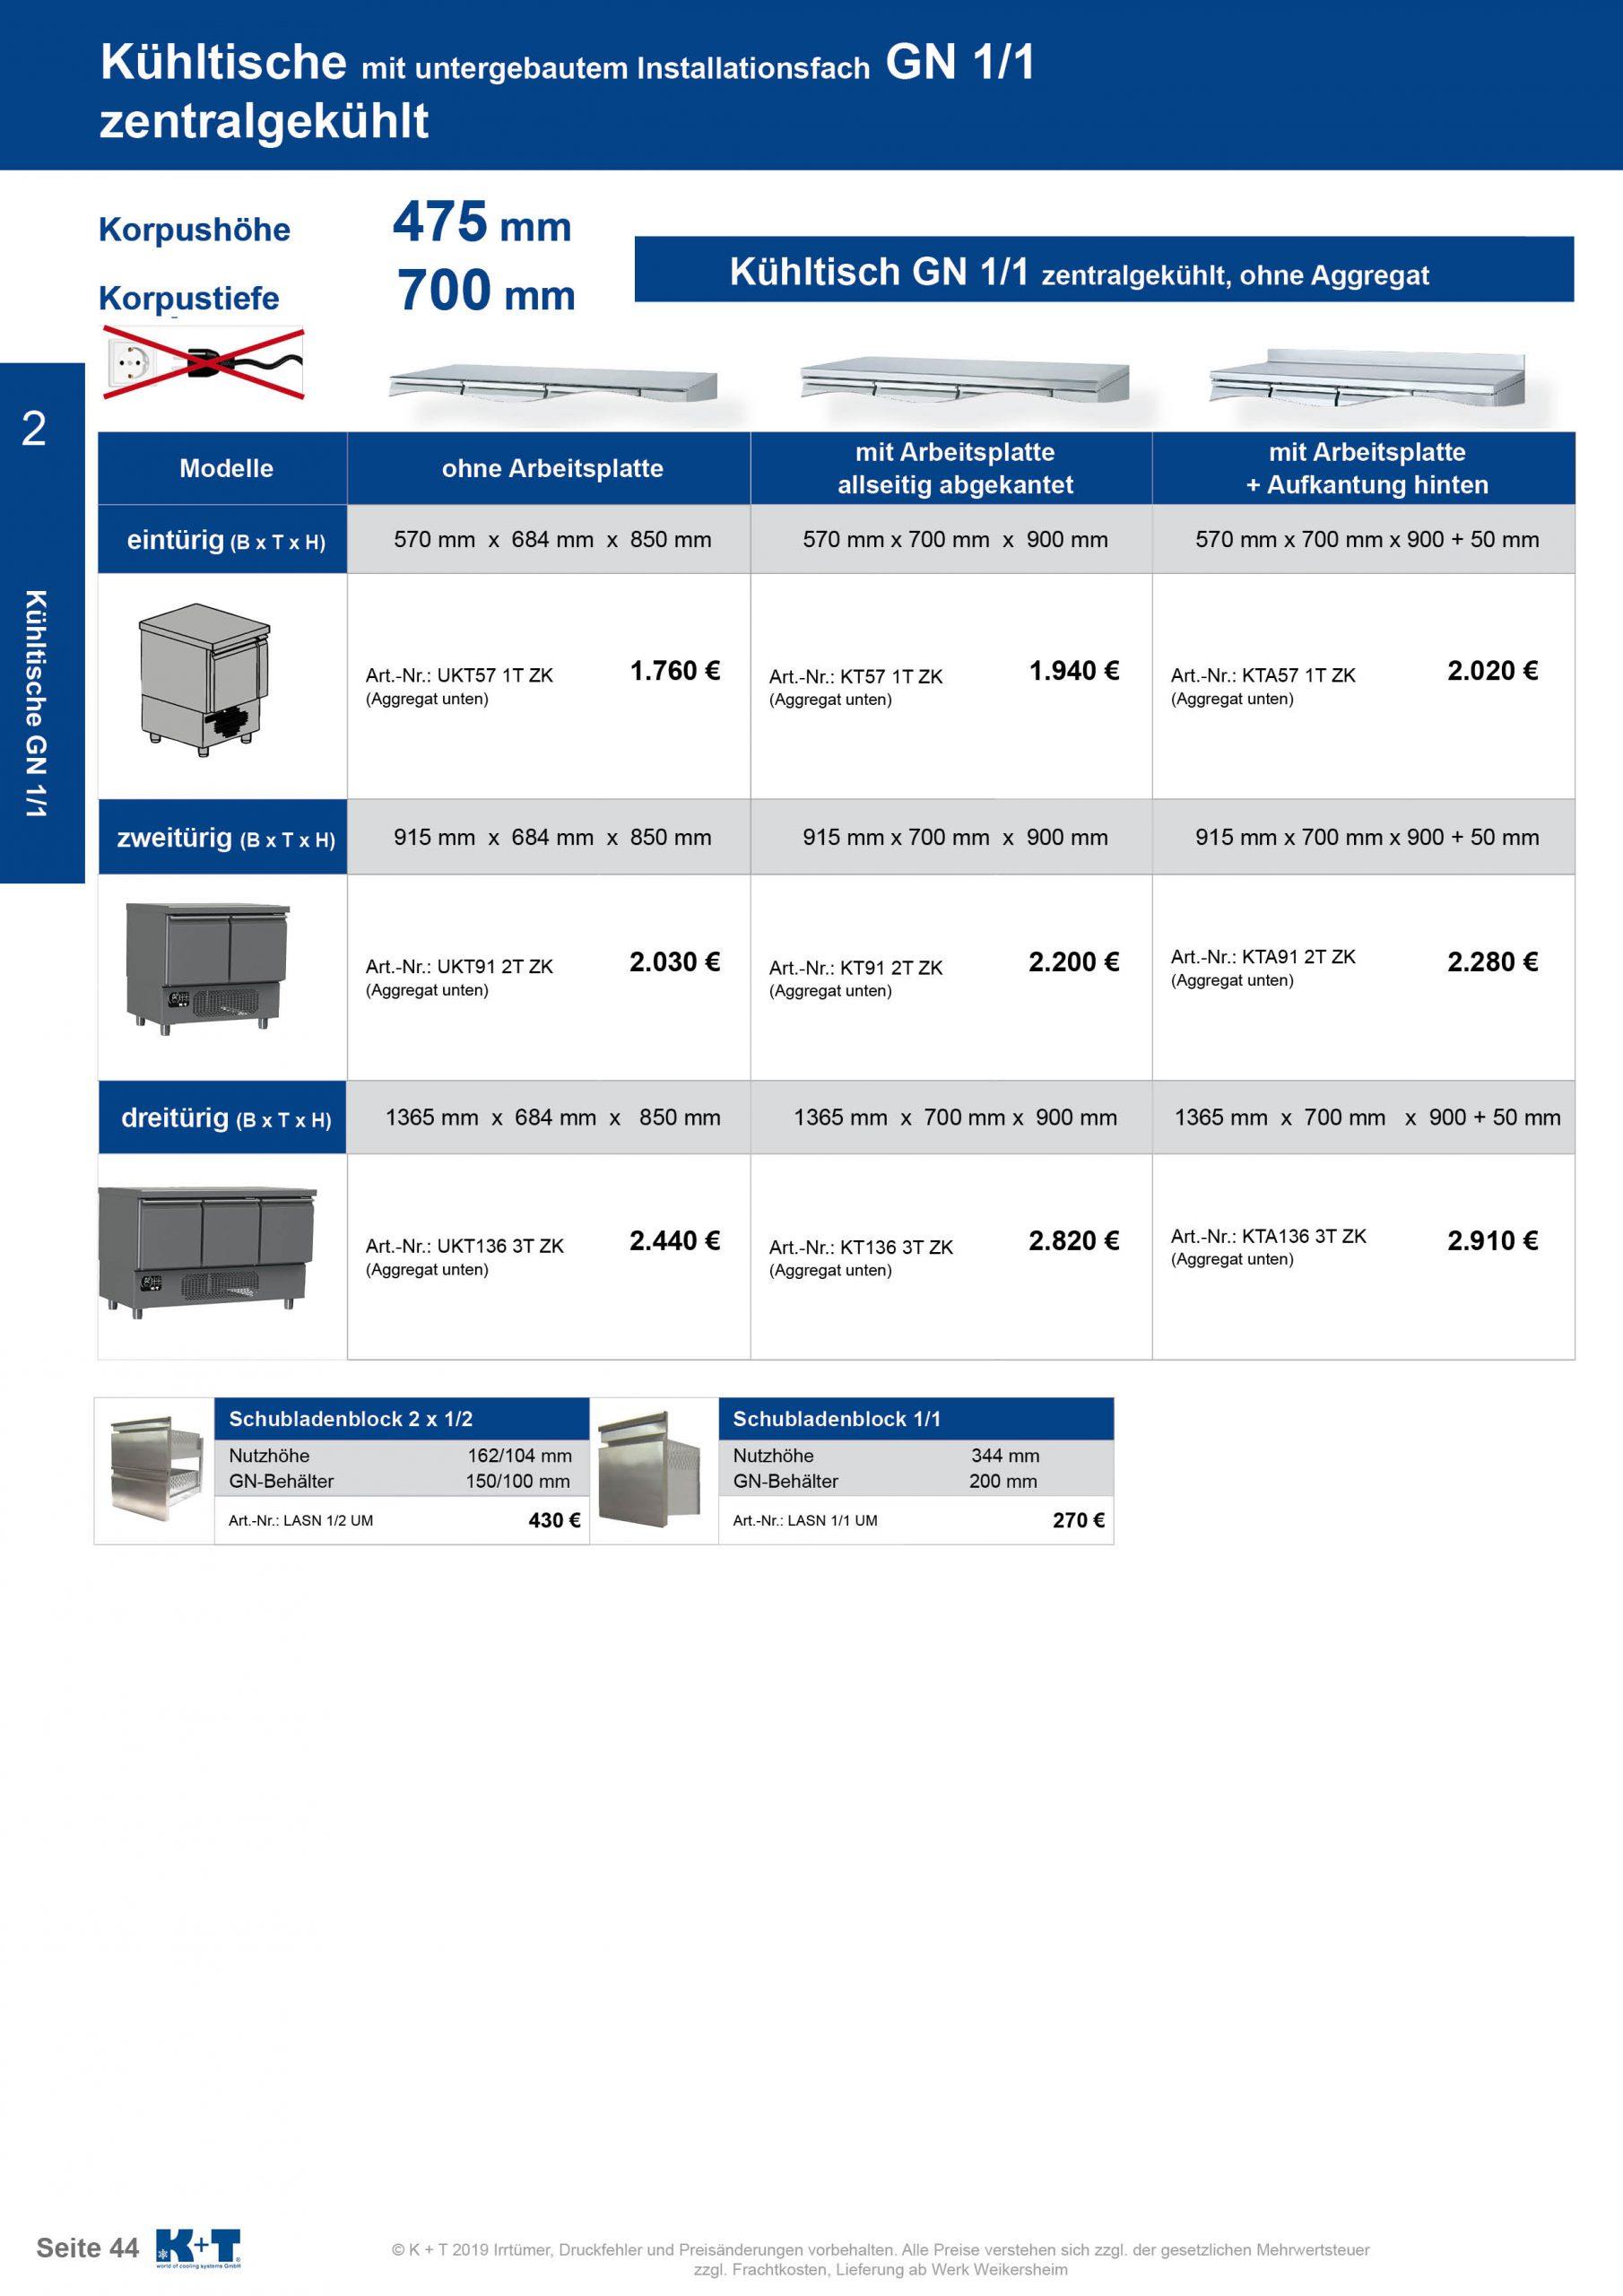 Kühltisch mit untergebautem Aggregat zentralgekühlt 1